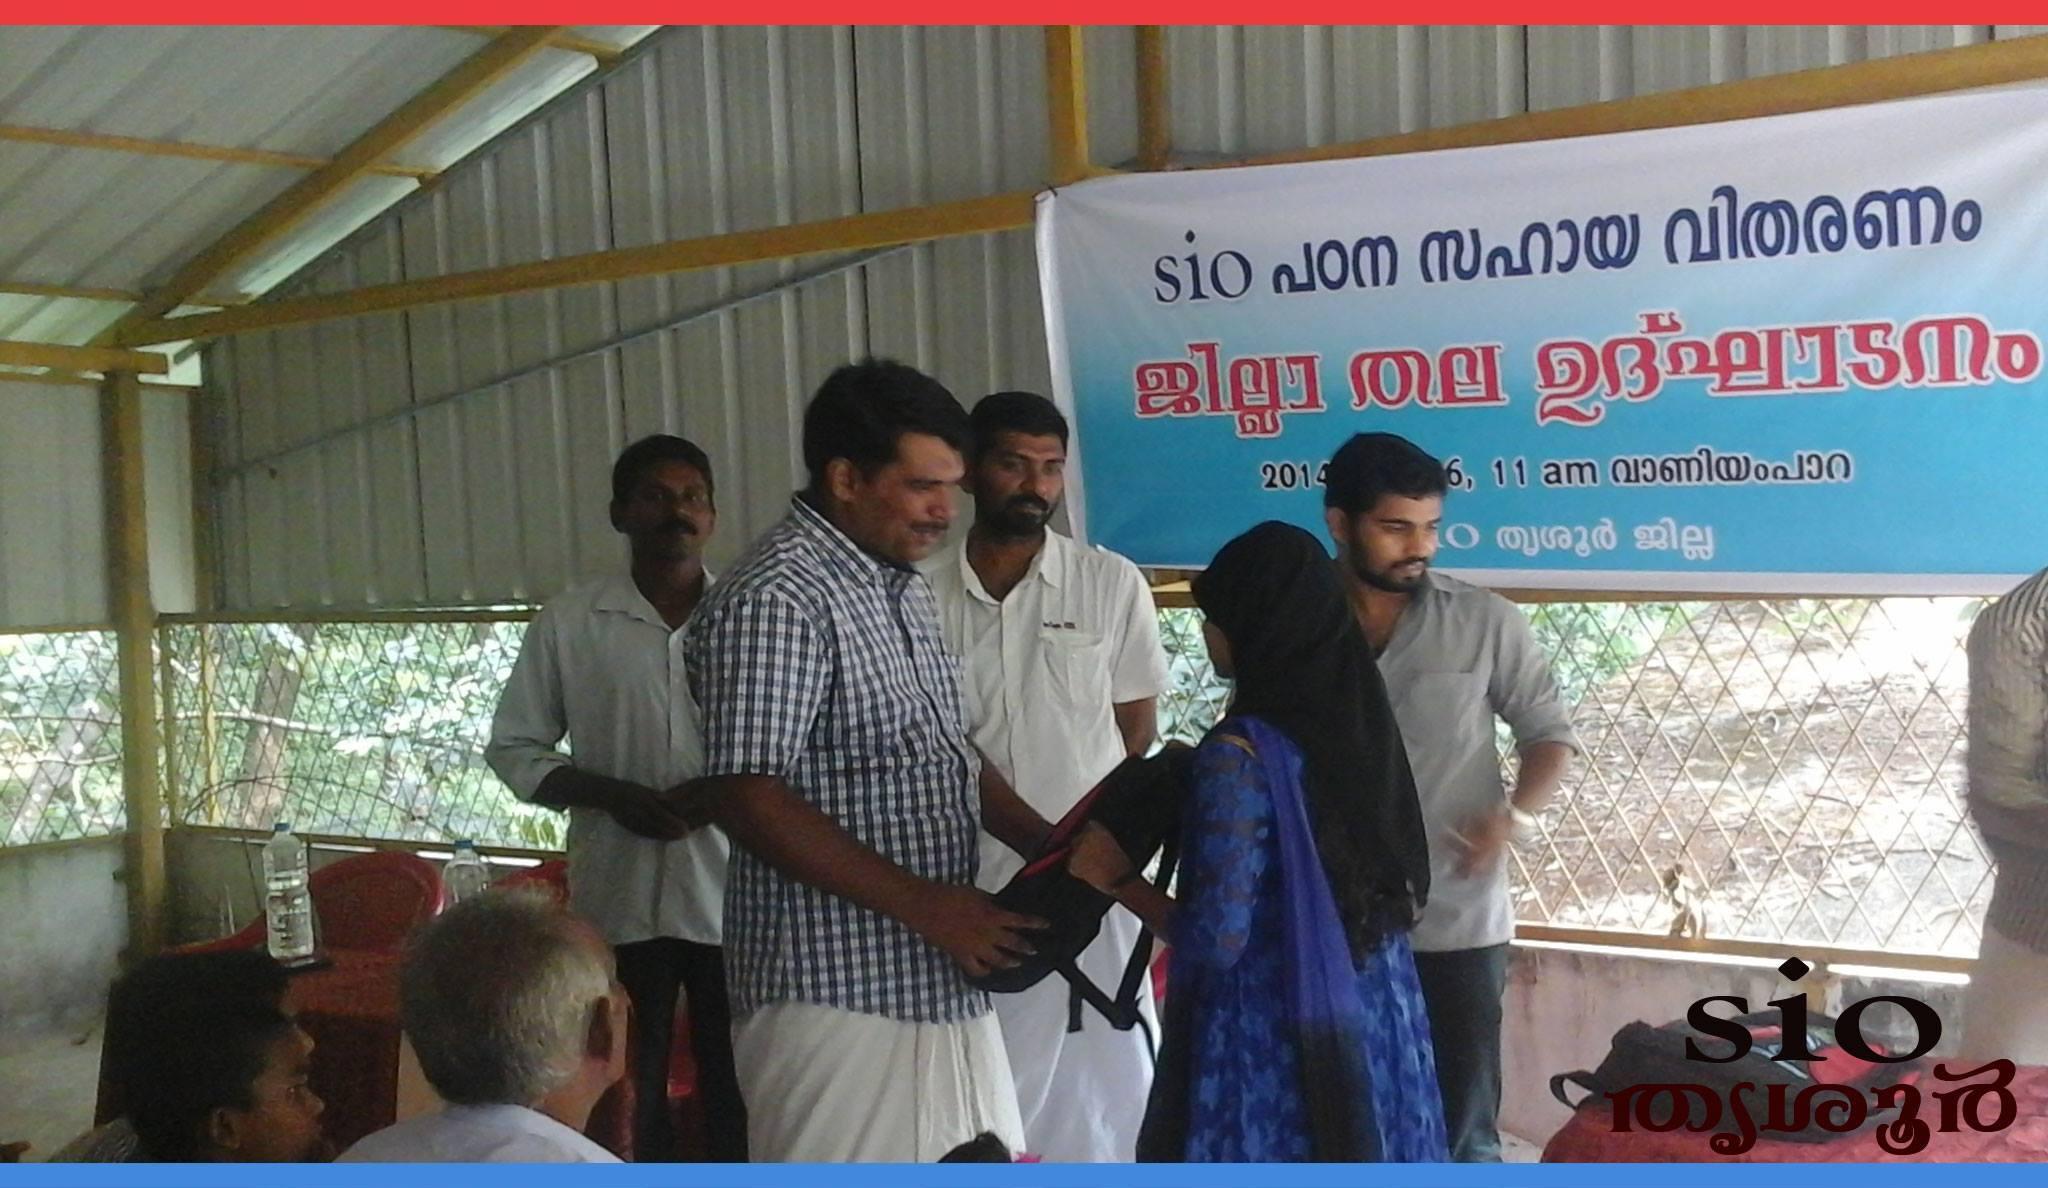 Service programs Organized in Kerala